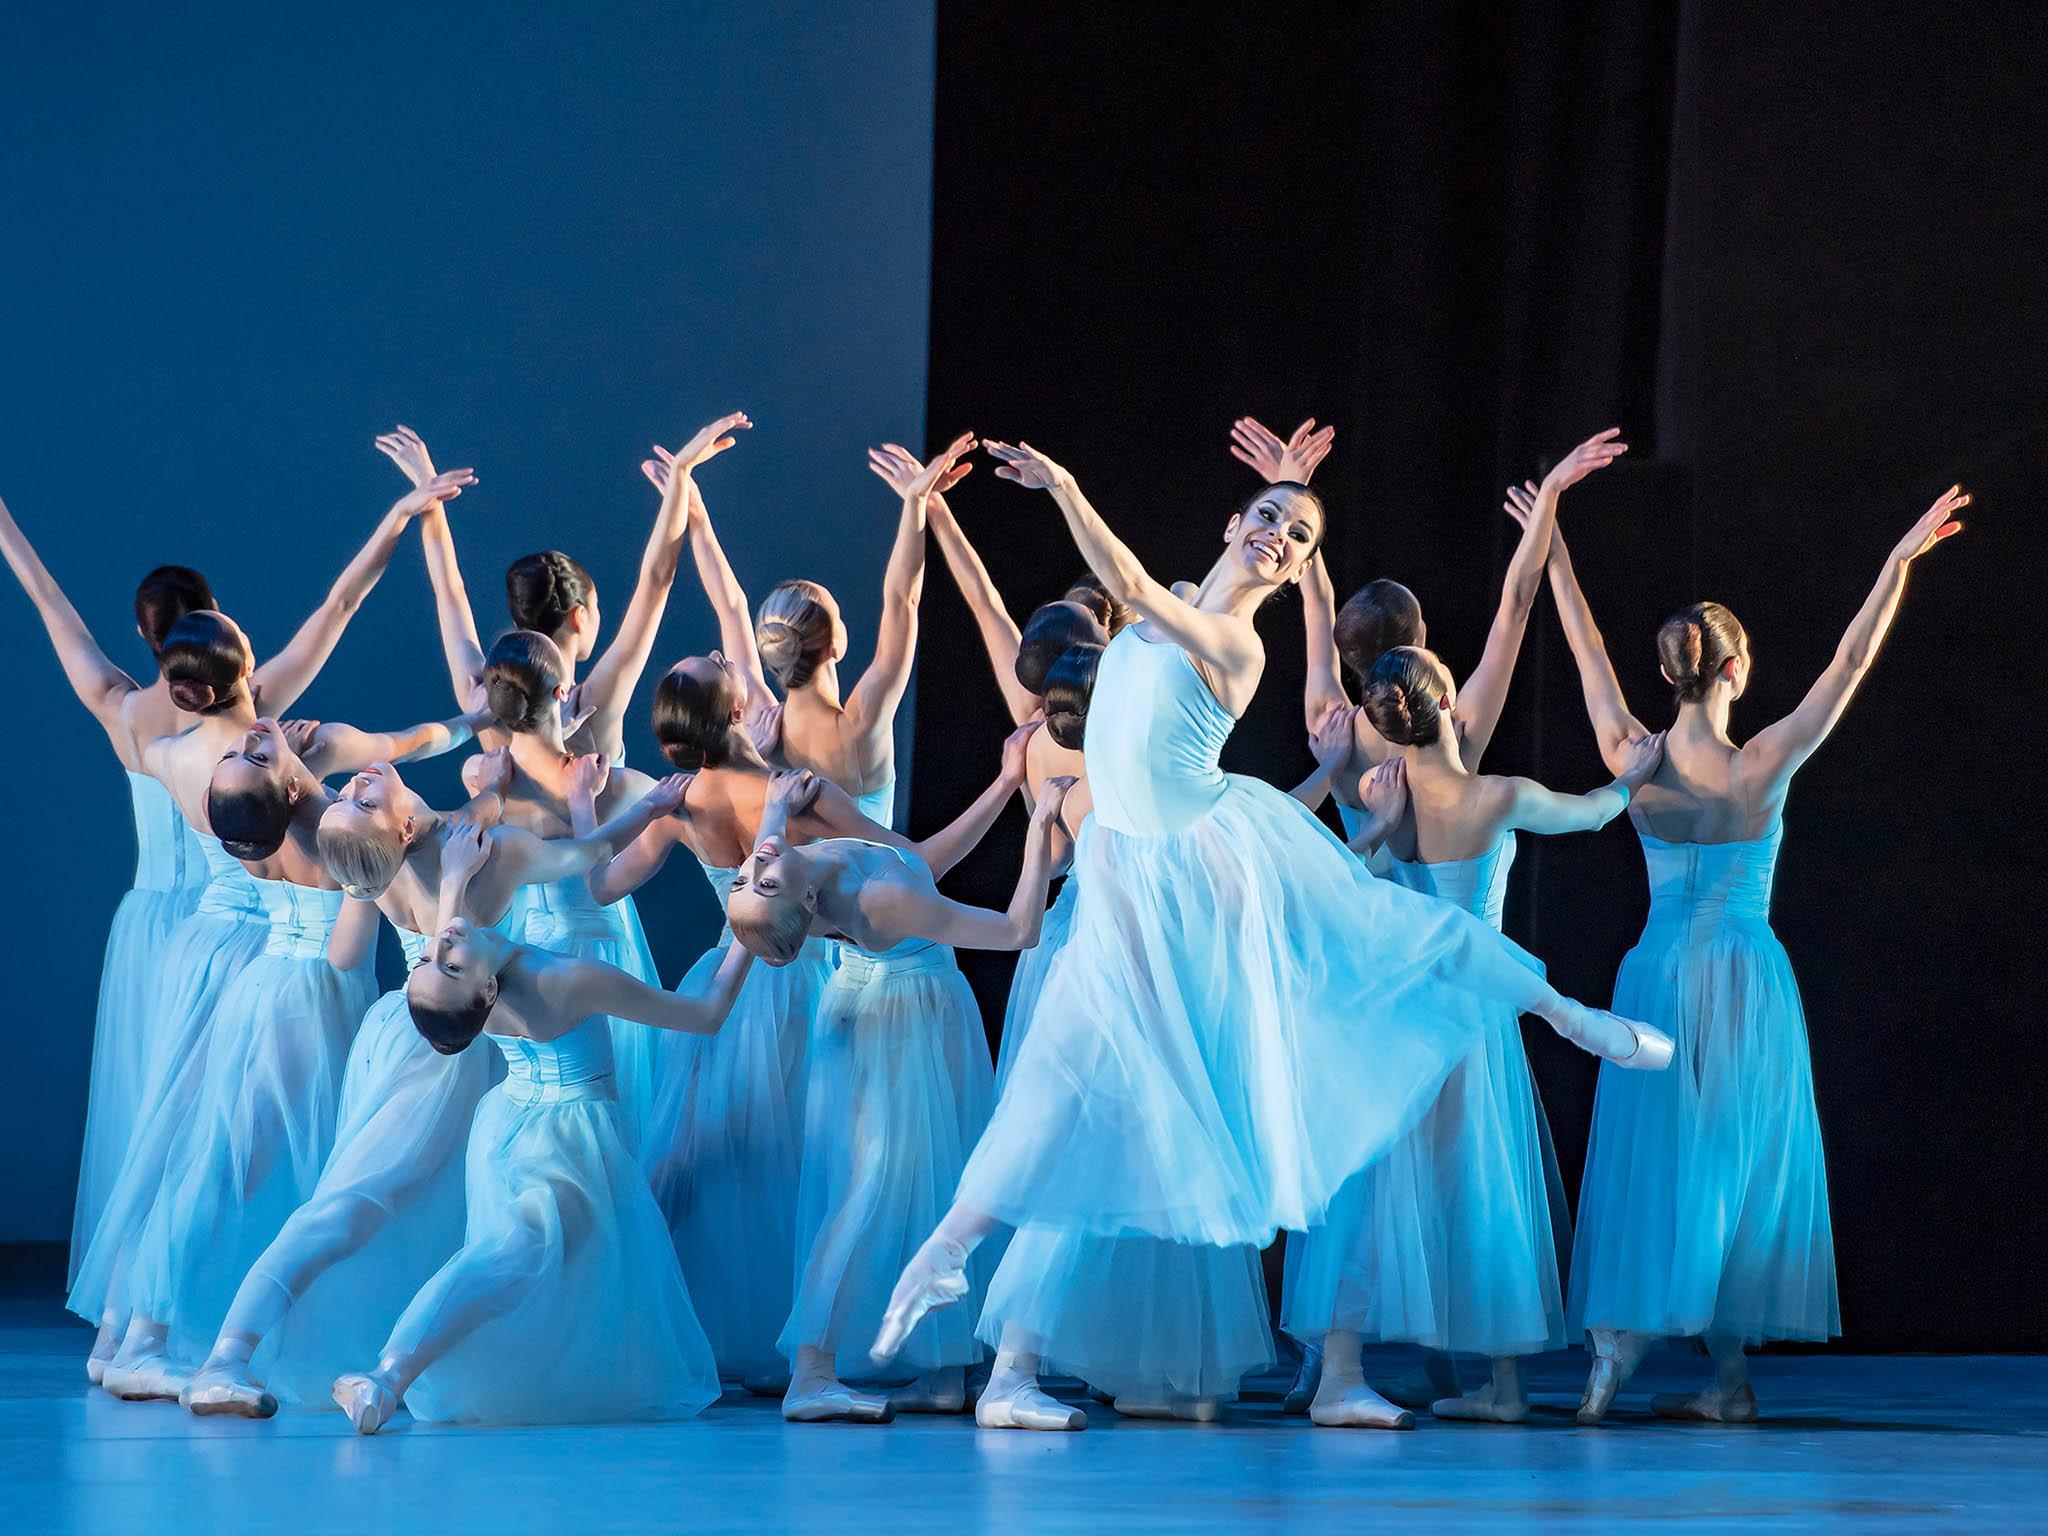 Potříleté rekonstrukci se Balet Národního divadla vrací dobudovy Státní opery. Prvním představením pod vedením nového uměleckého šéfa souboru Filipa Barankiewicze je triptych Timeless.